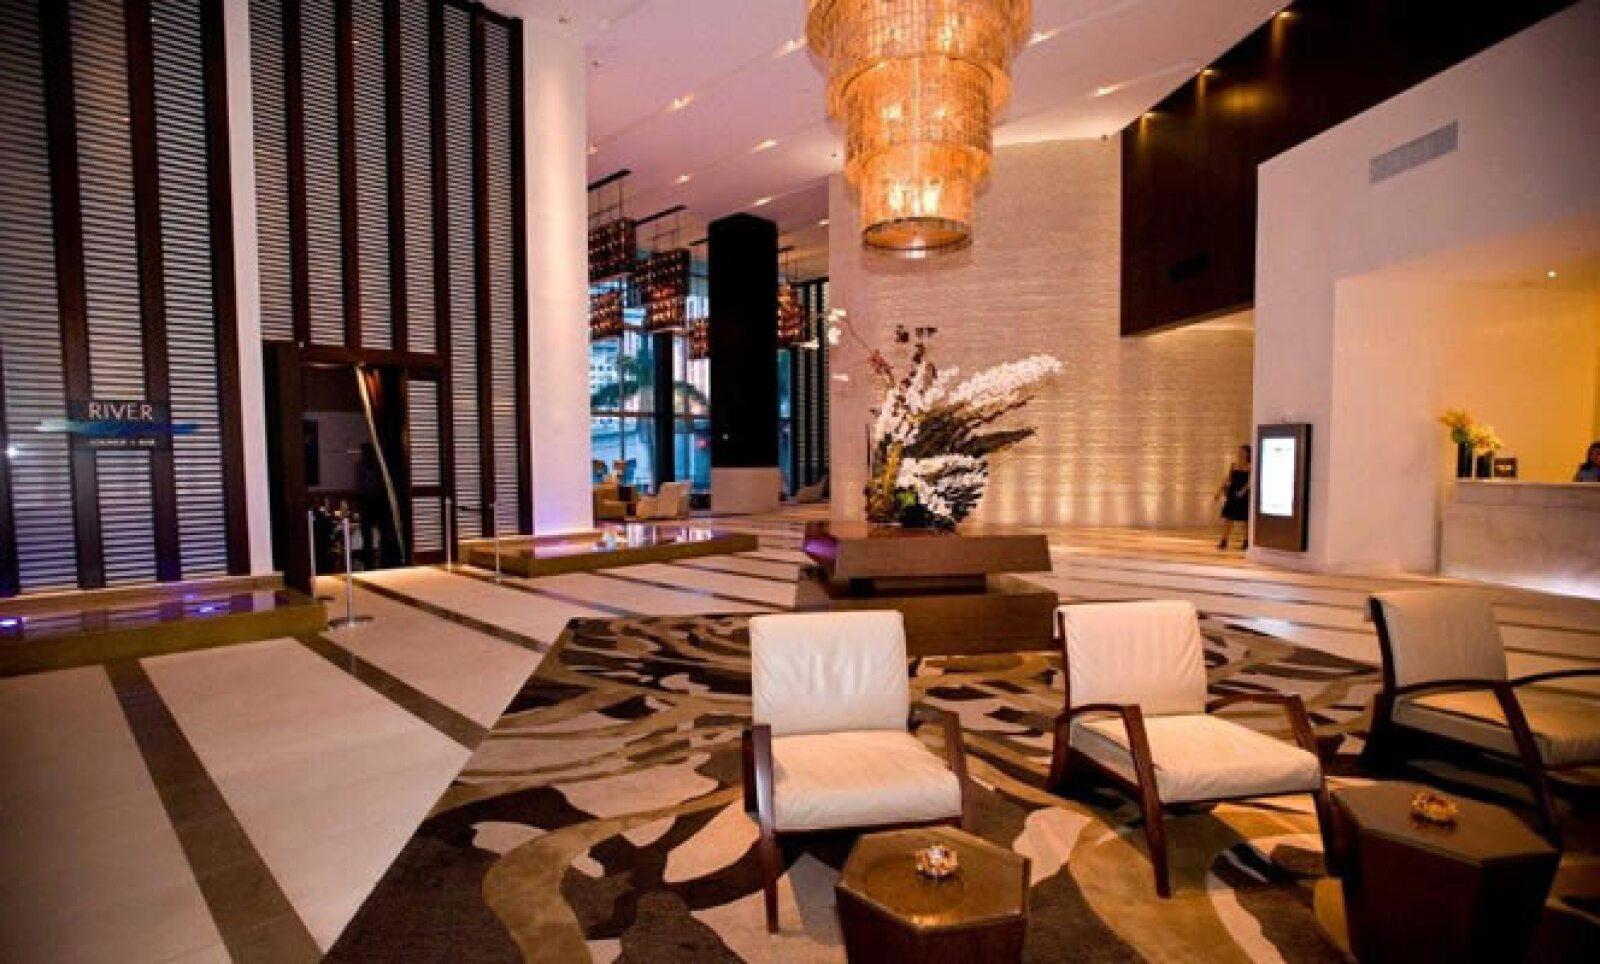 Los turistas recibirán sugerencias a la medida para saber explorar Miami como un local, con selecciones del personal sobre dónde comer, jugar, comprar y beber.